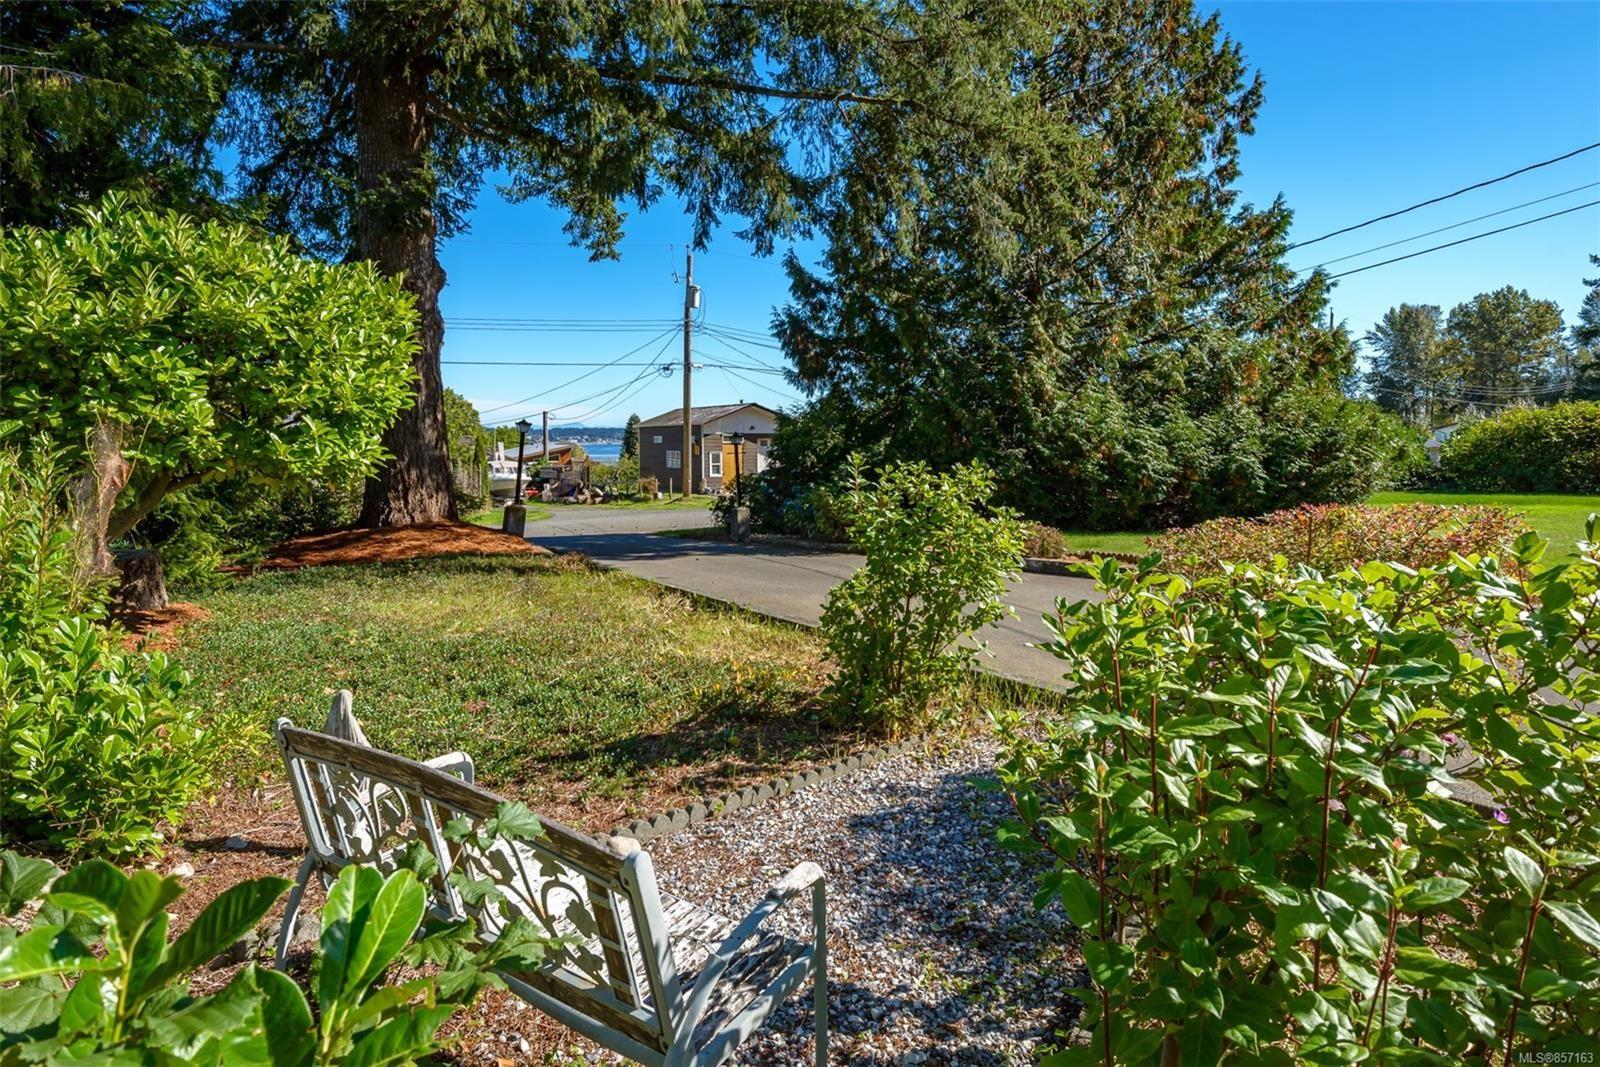 Photo 56: Photos: 4241 Buddington Rd in : CV Courtenay South House for sale (Comox Valley)  : MLS®# 857163